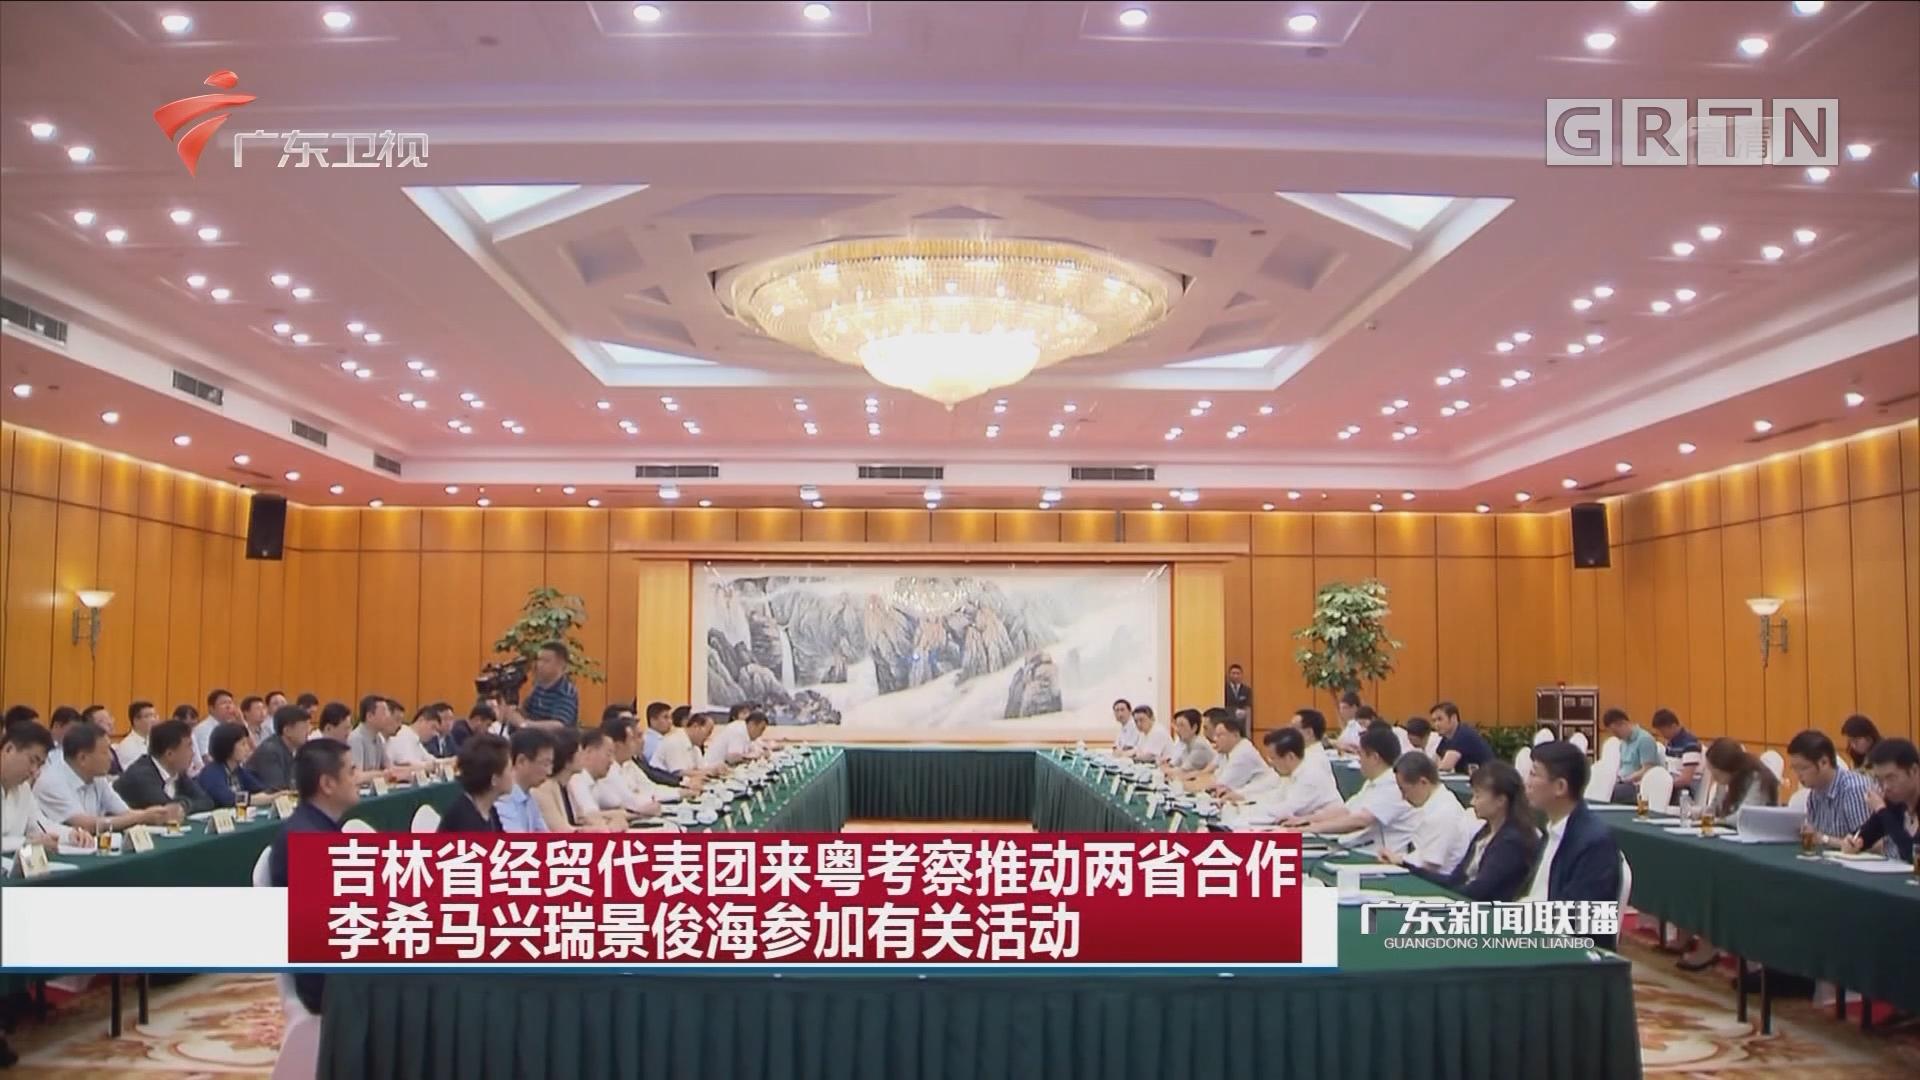 吉林省经贸代表团来粤考察推动两省合作 李希马兴瑞景俊海参加有关活动